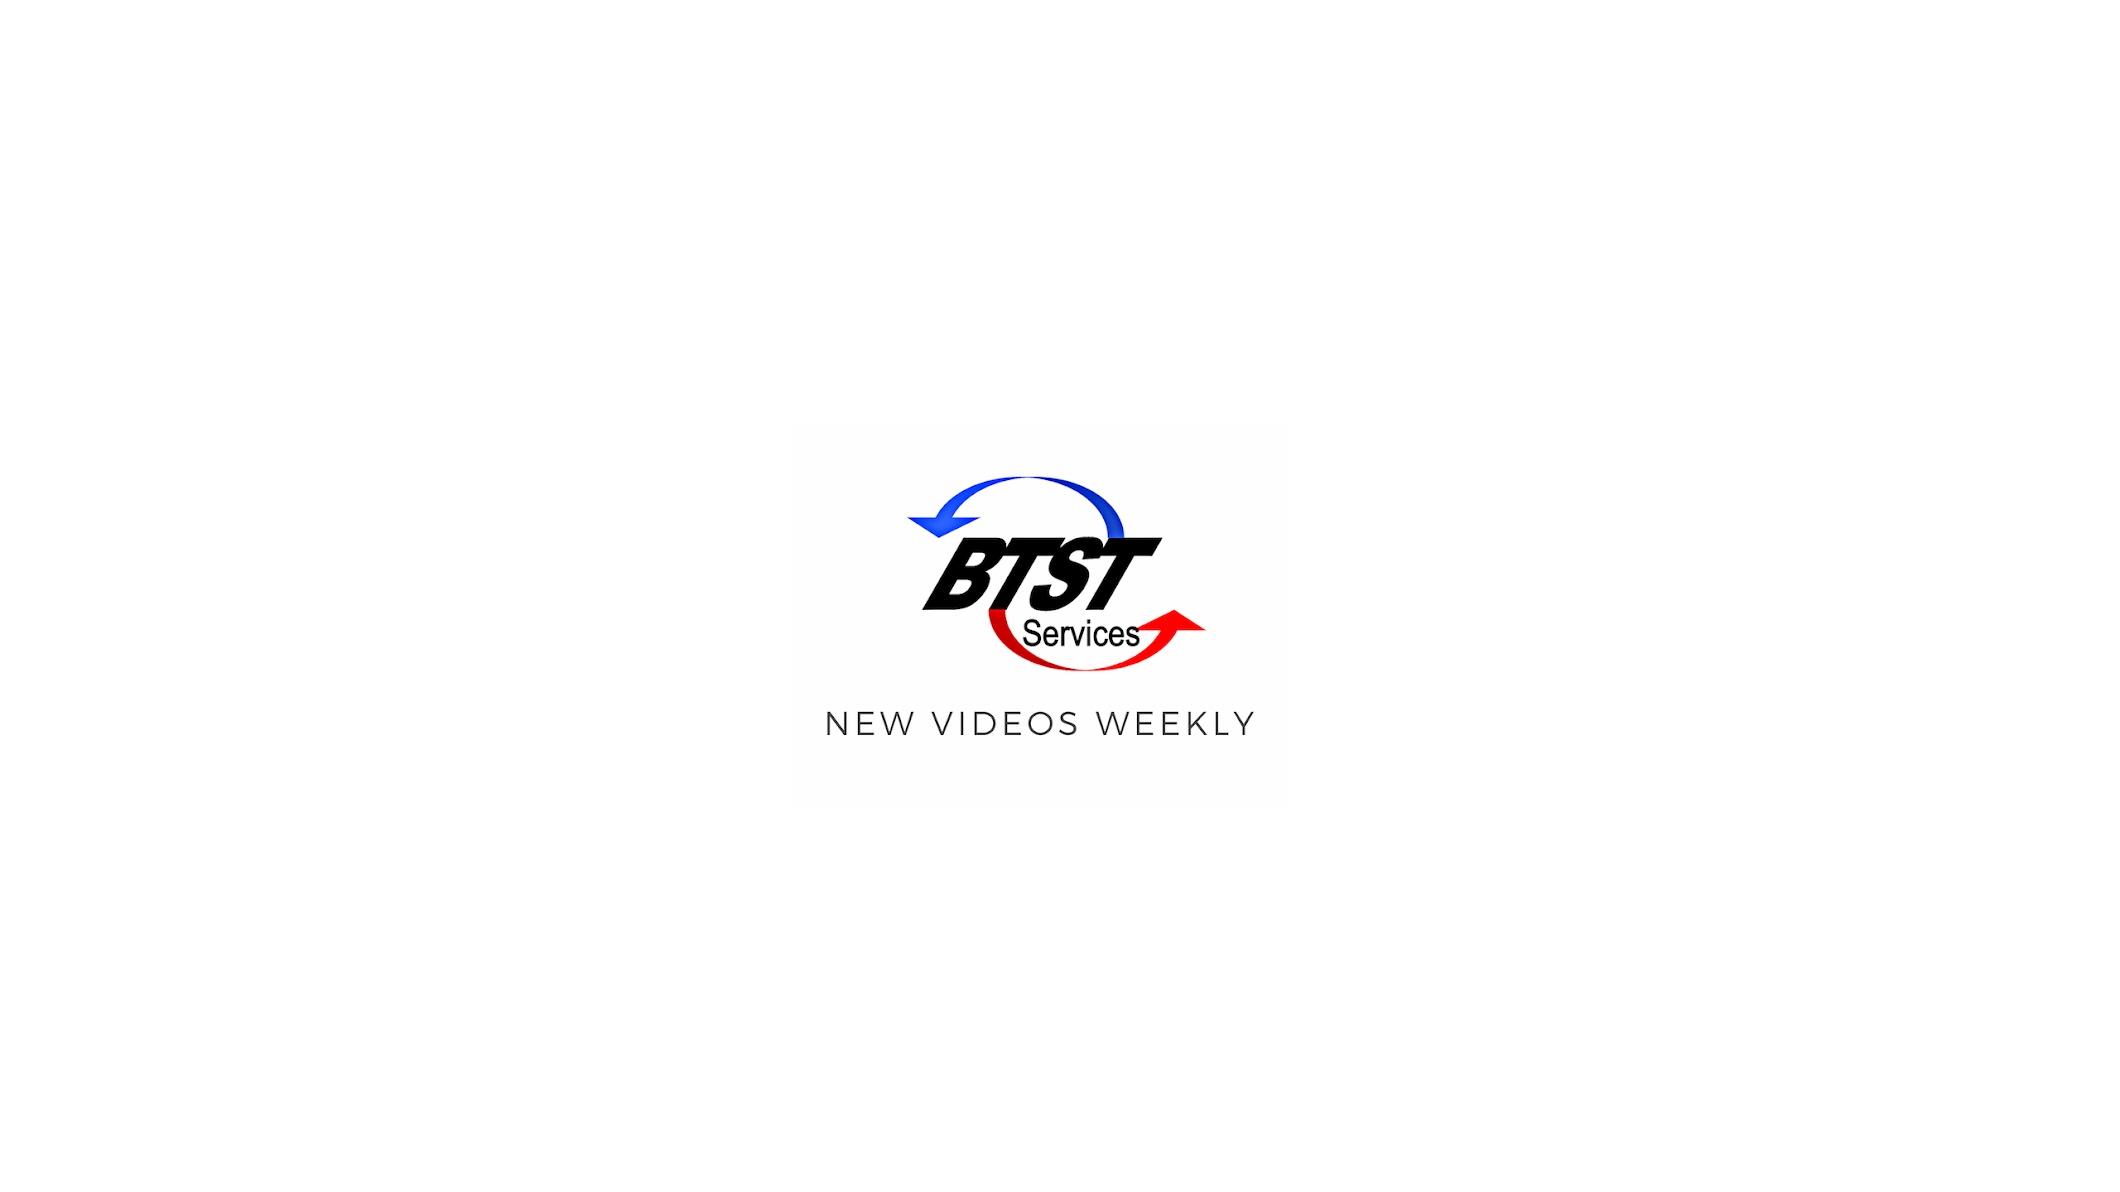 BTST Services